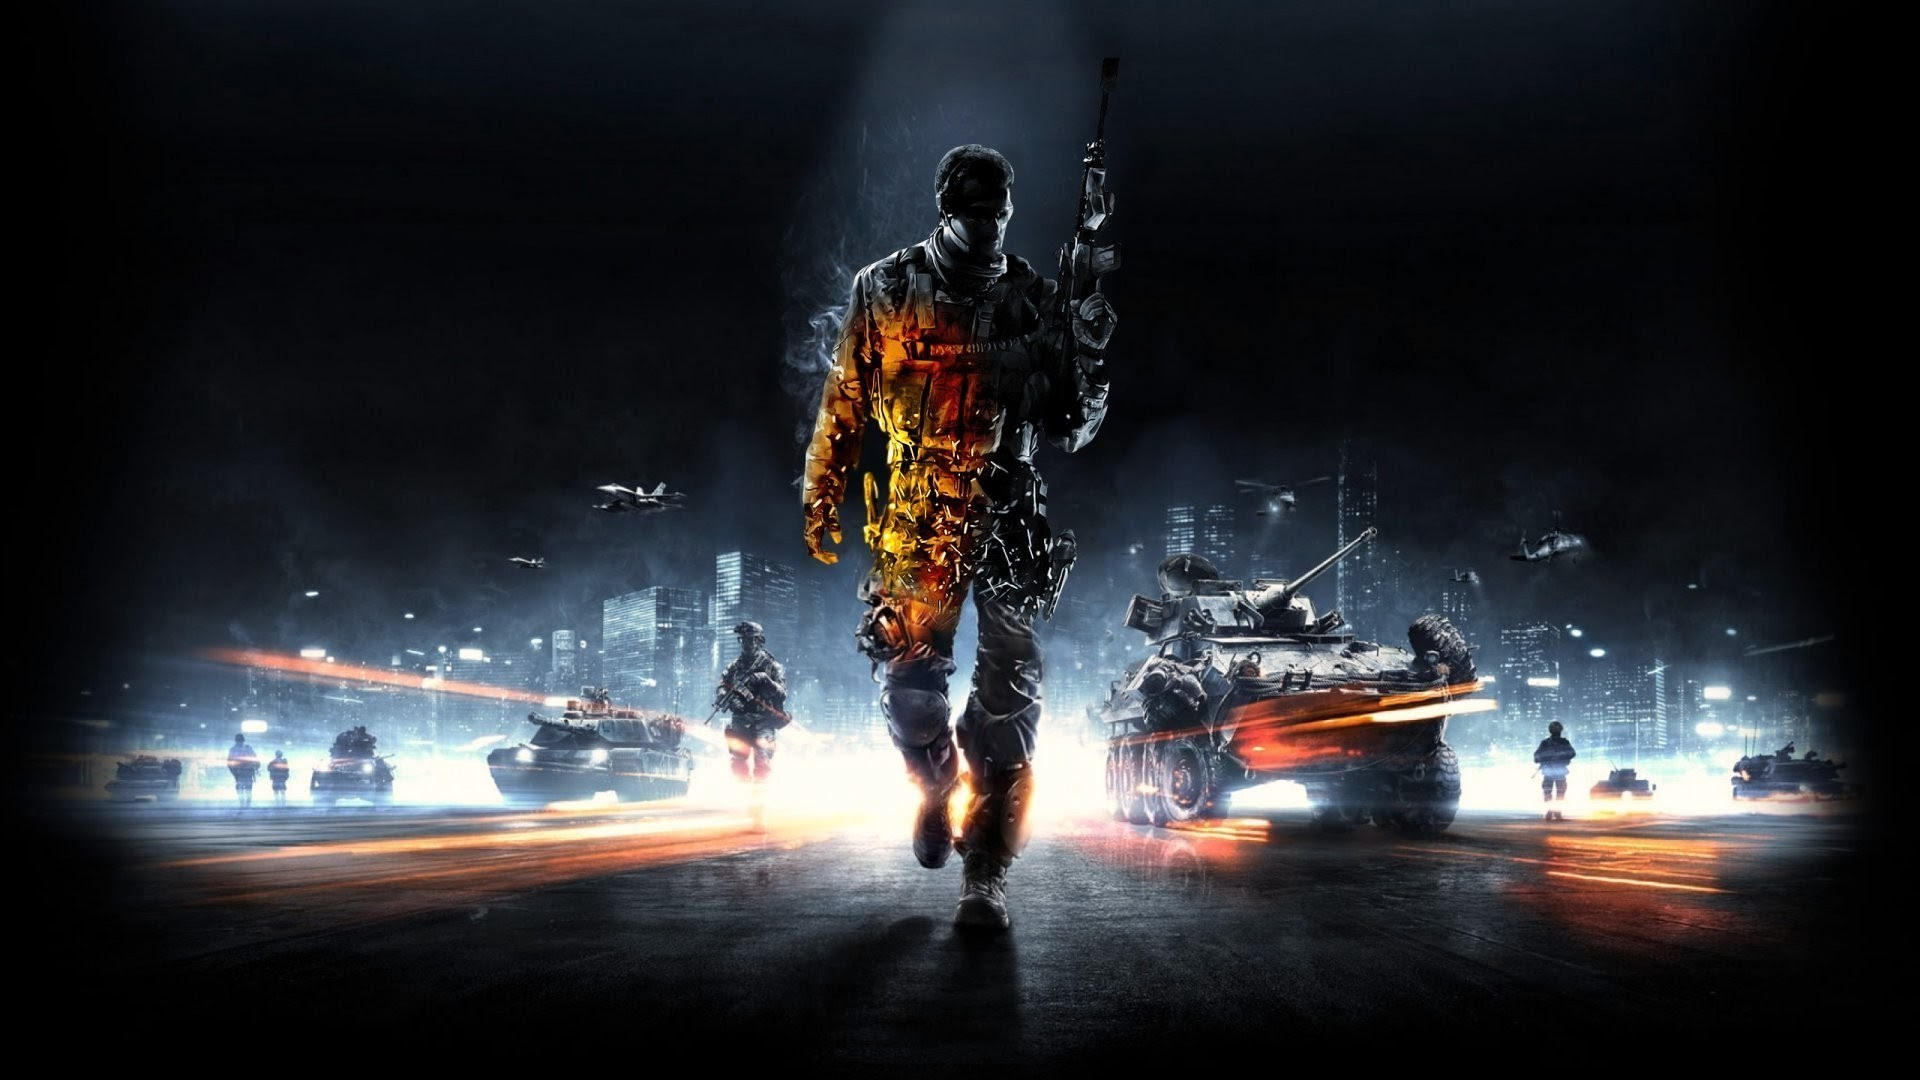 Battlefield 4 Wallpaper 1920x1080 52179